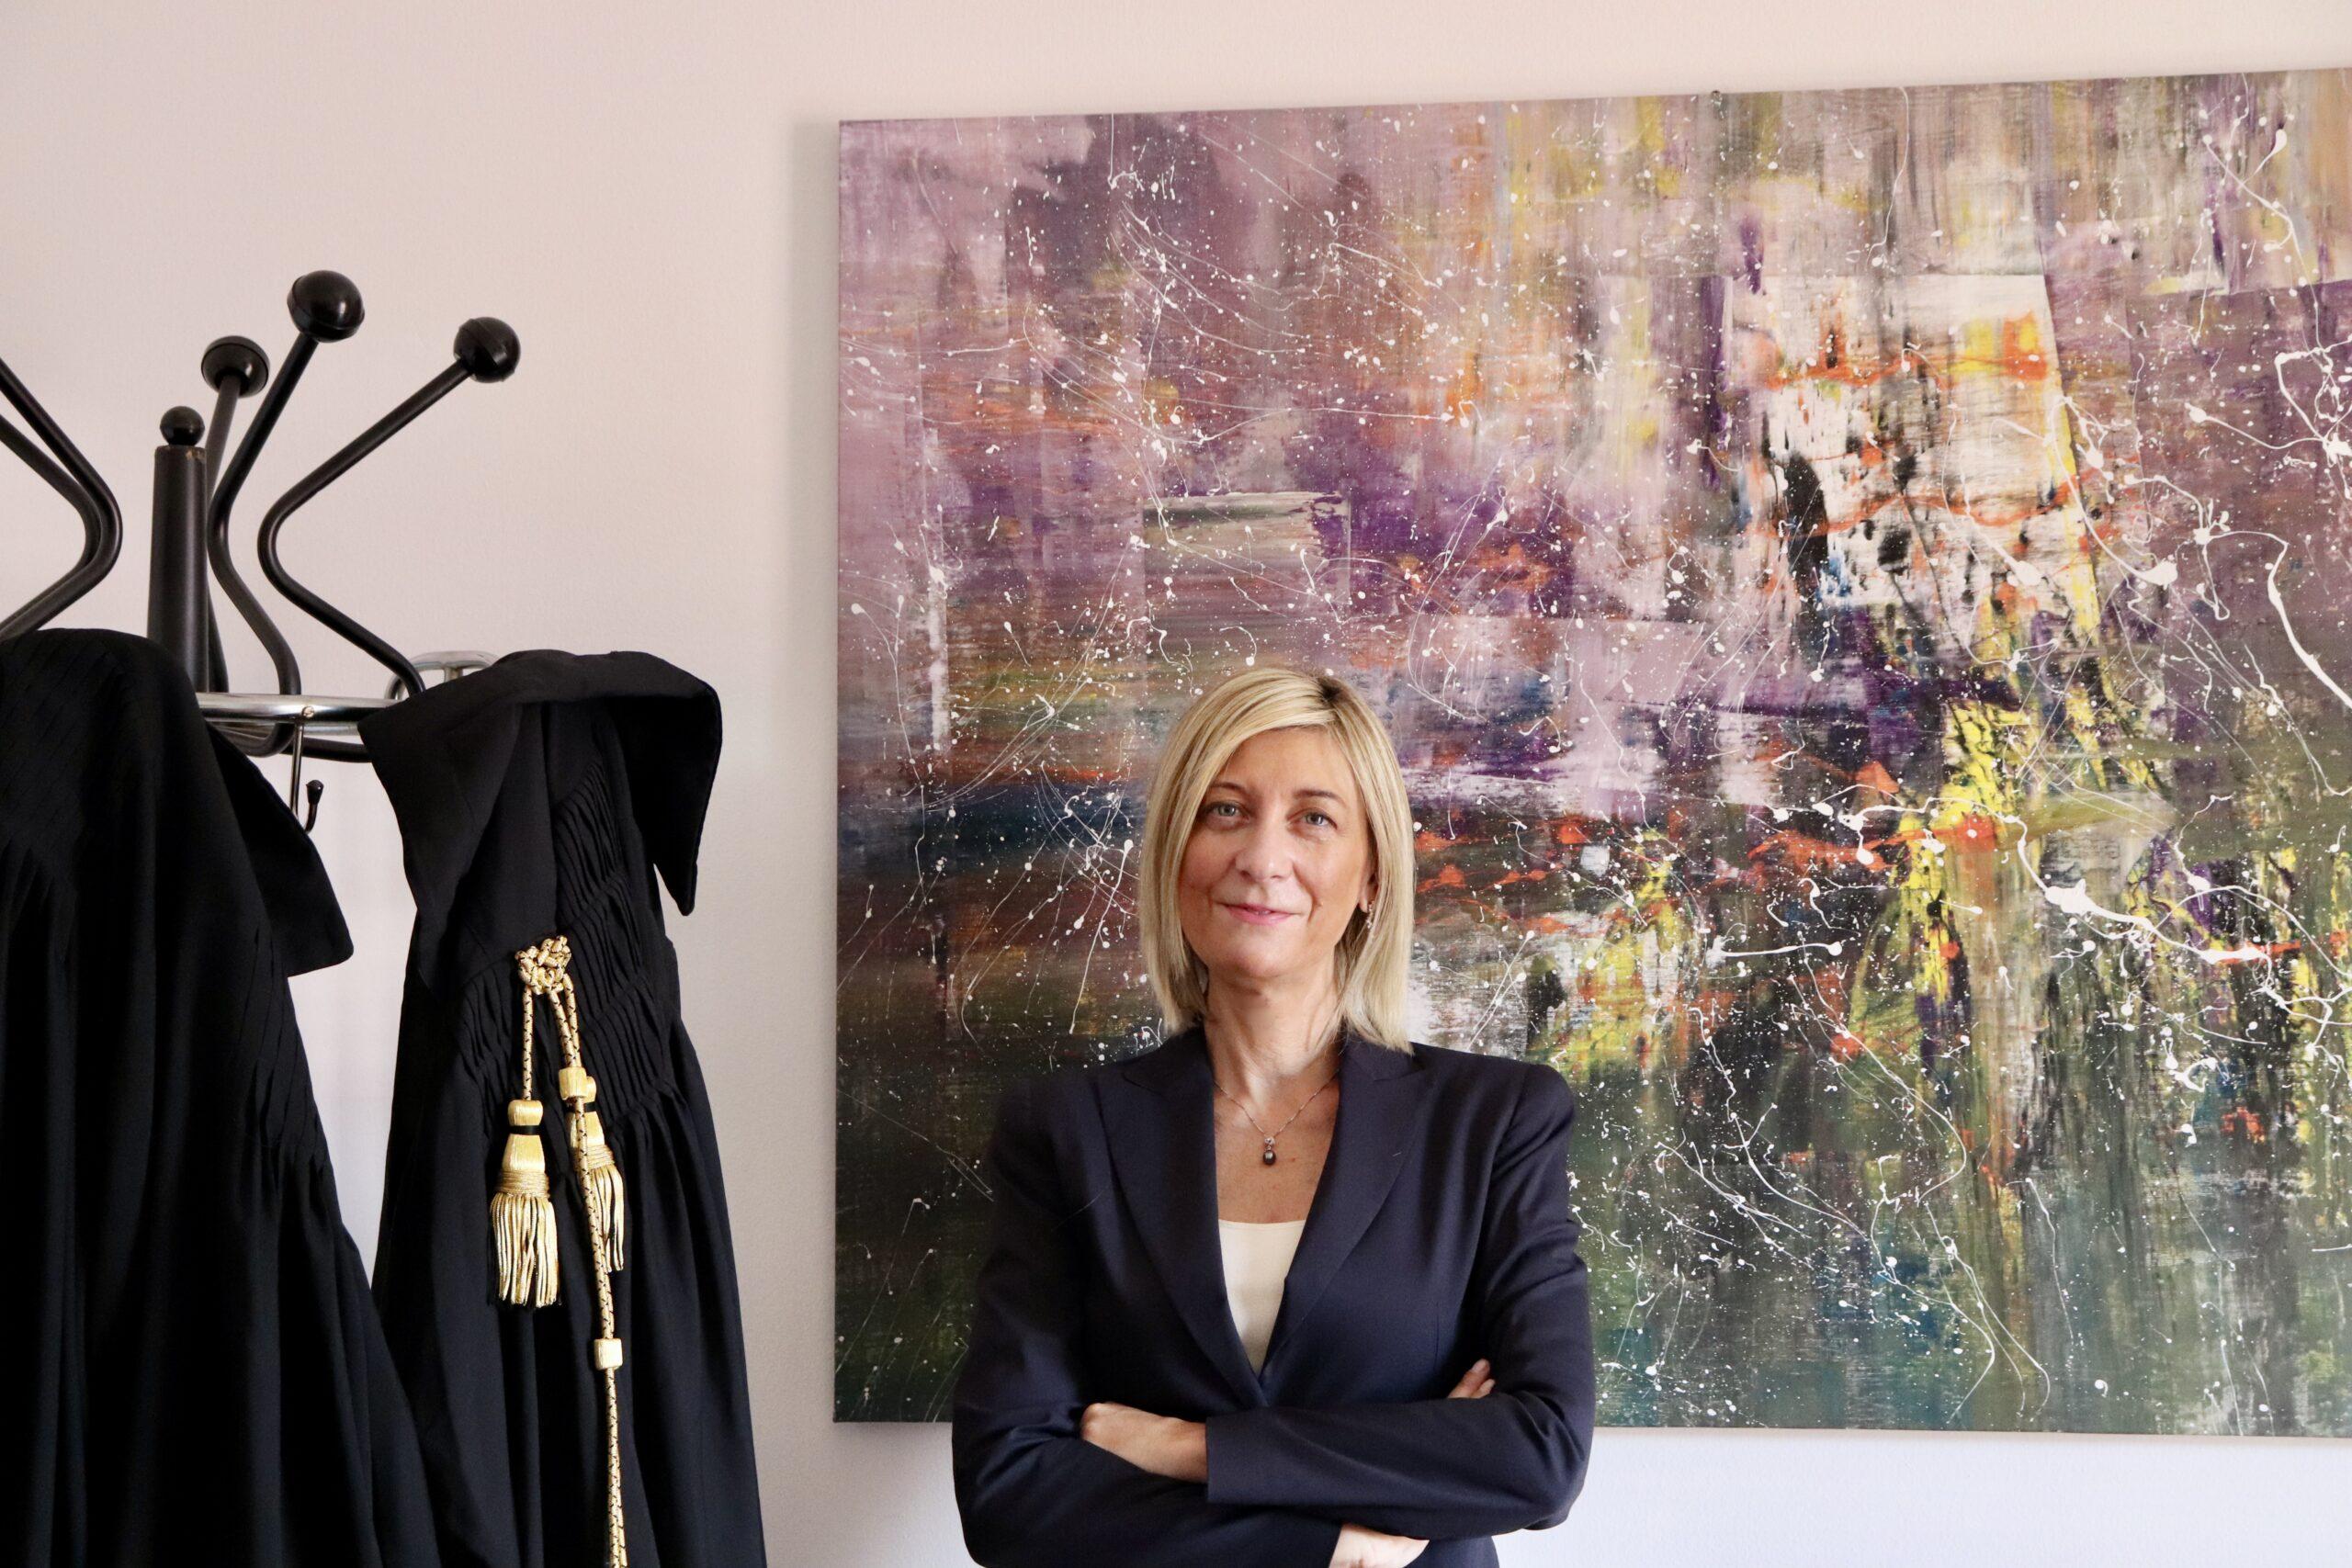 Silvia Garavaglia